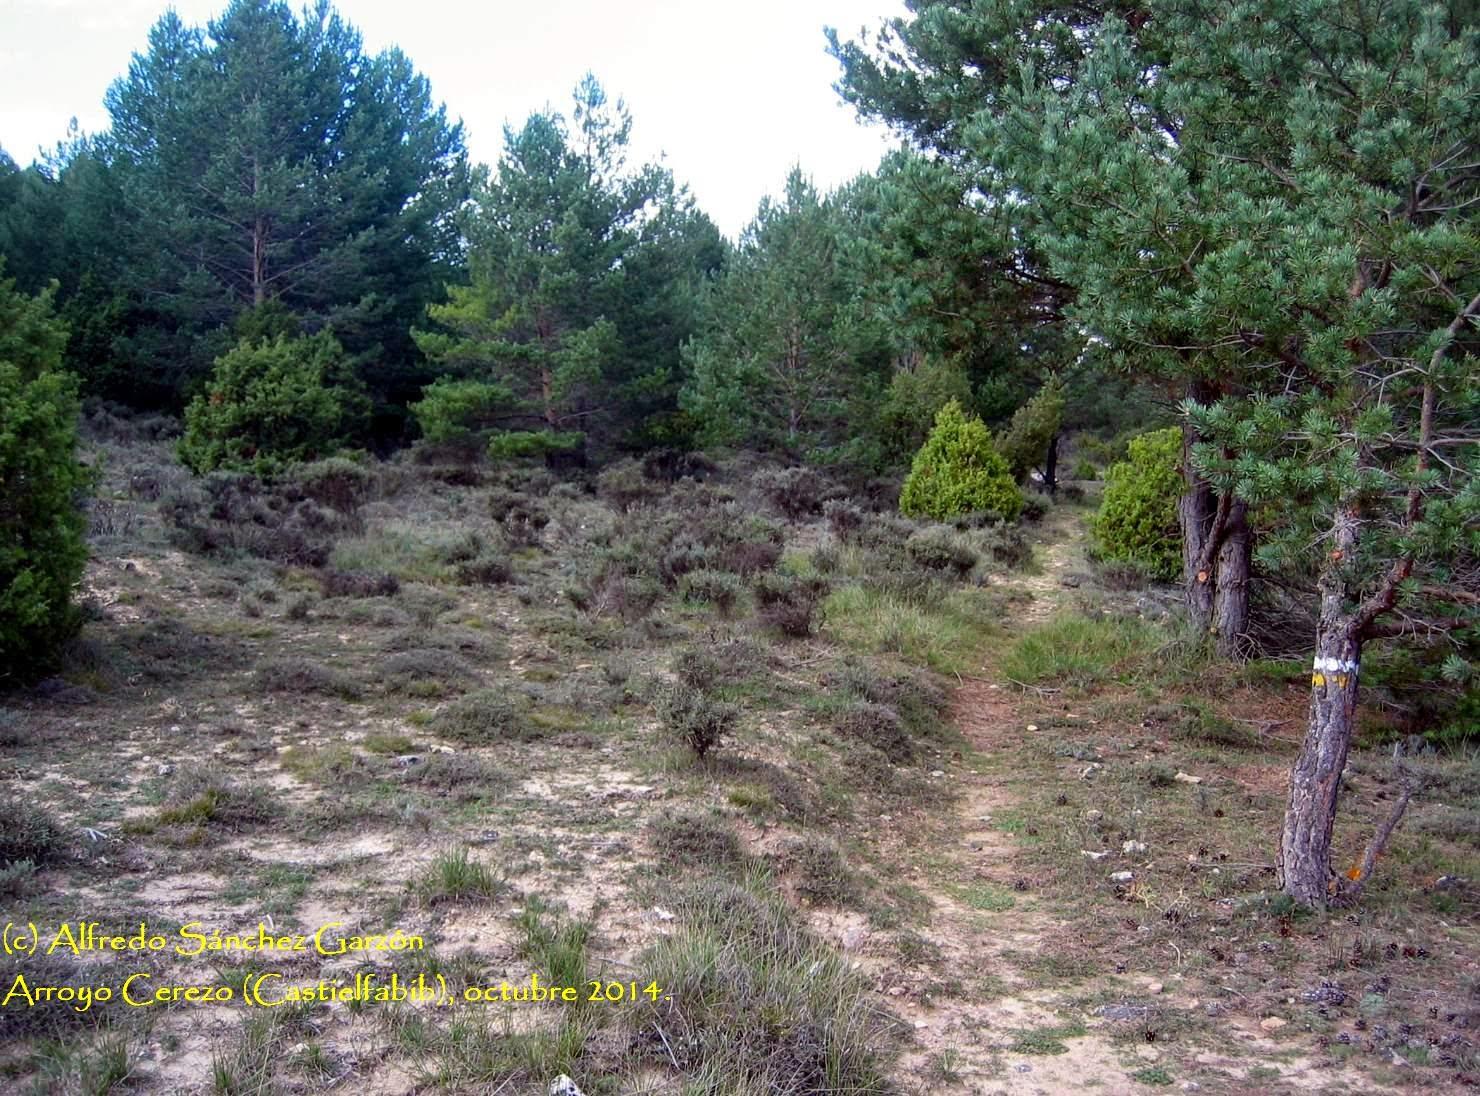 arroyo-cerezo-castielfabib-tres-reinos